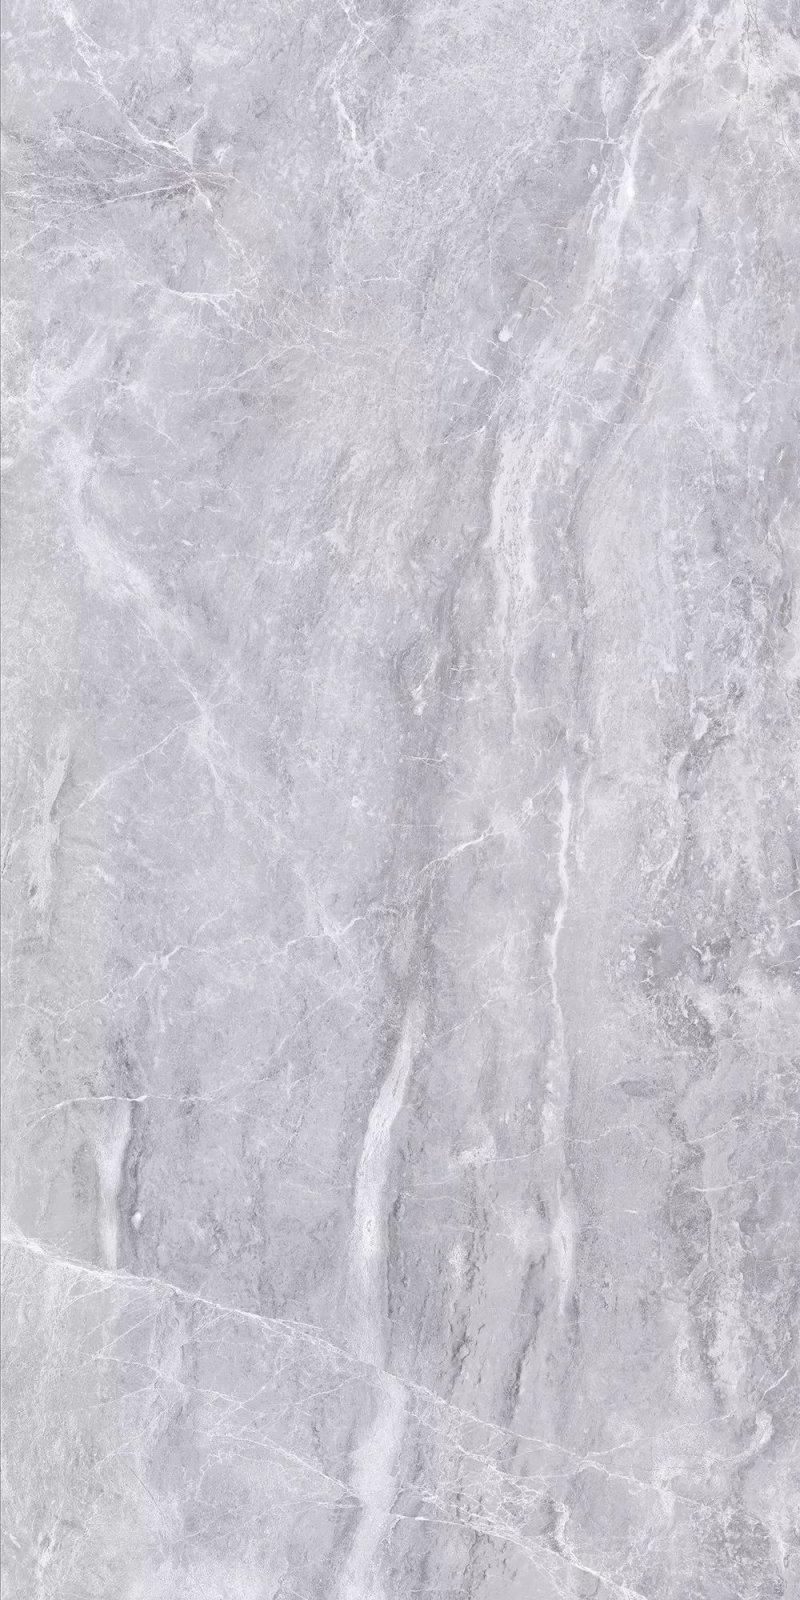 大将军陶瓷图片大理石瓷砖 现代简约风格陶瓷效果图